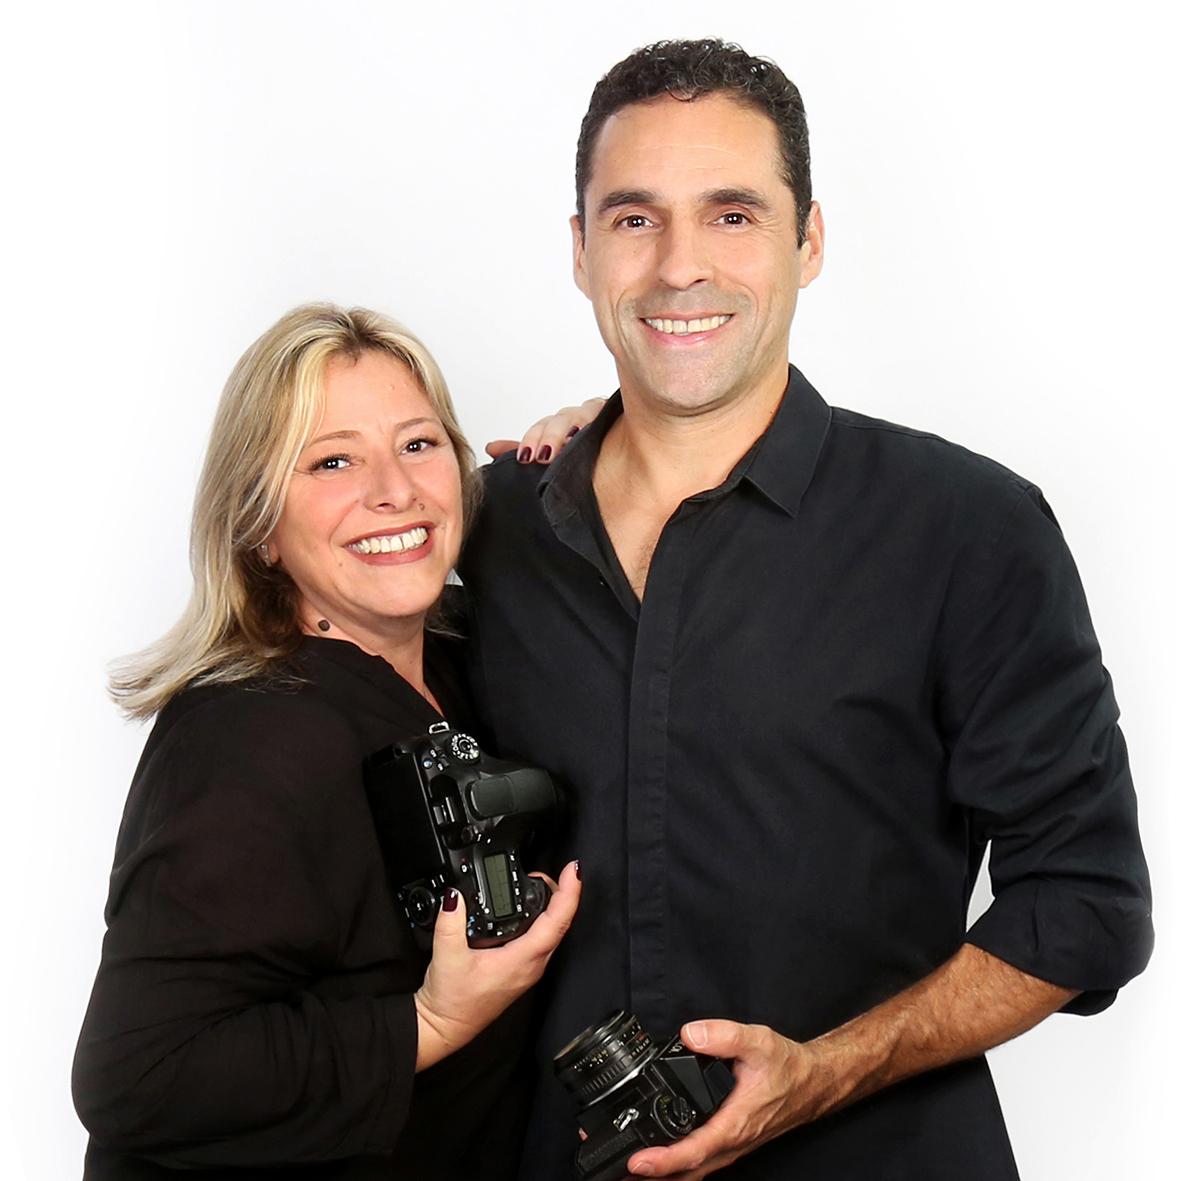 Sobre Juba Alves Fotógrafo especialista em contar histórias através da fotografia! Casamento, família, ensaio, momentos felizes e únicos São Roque-SP.